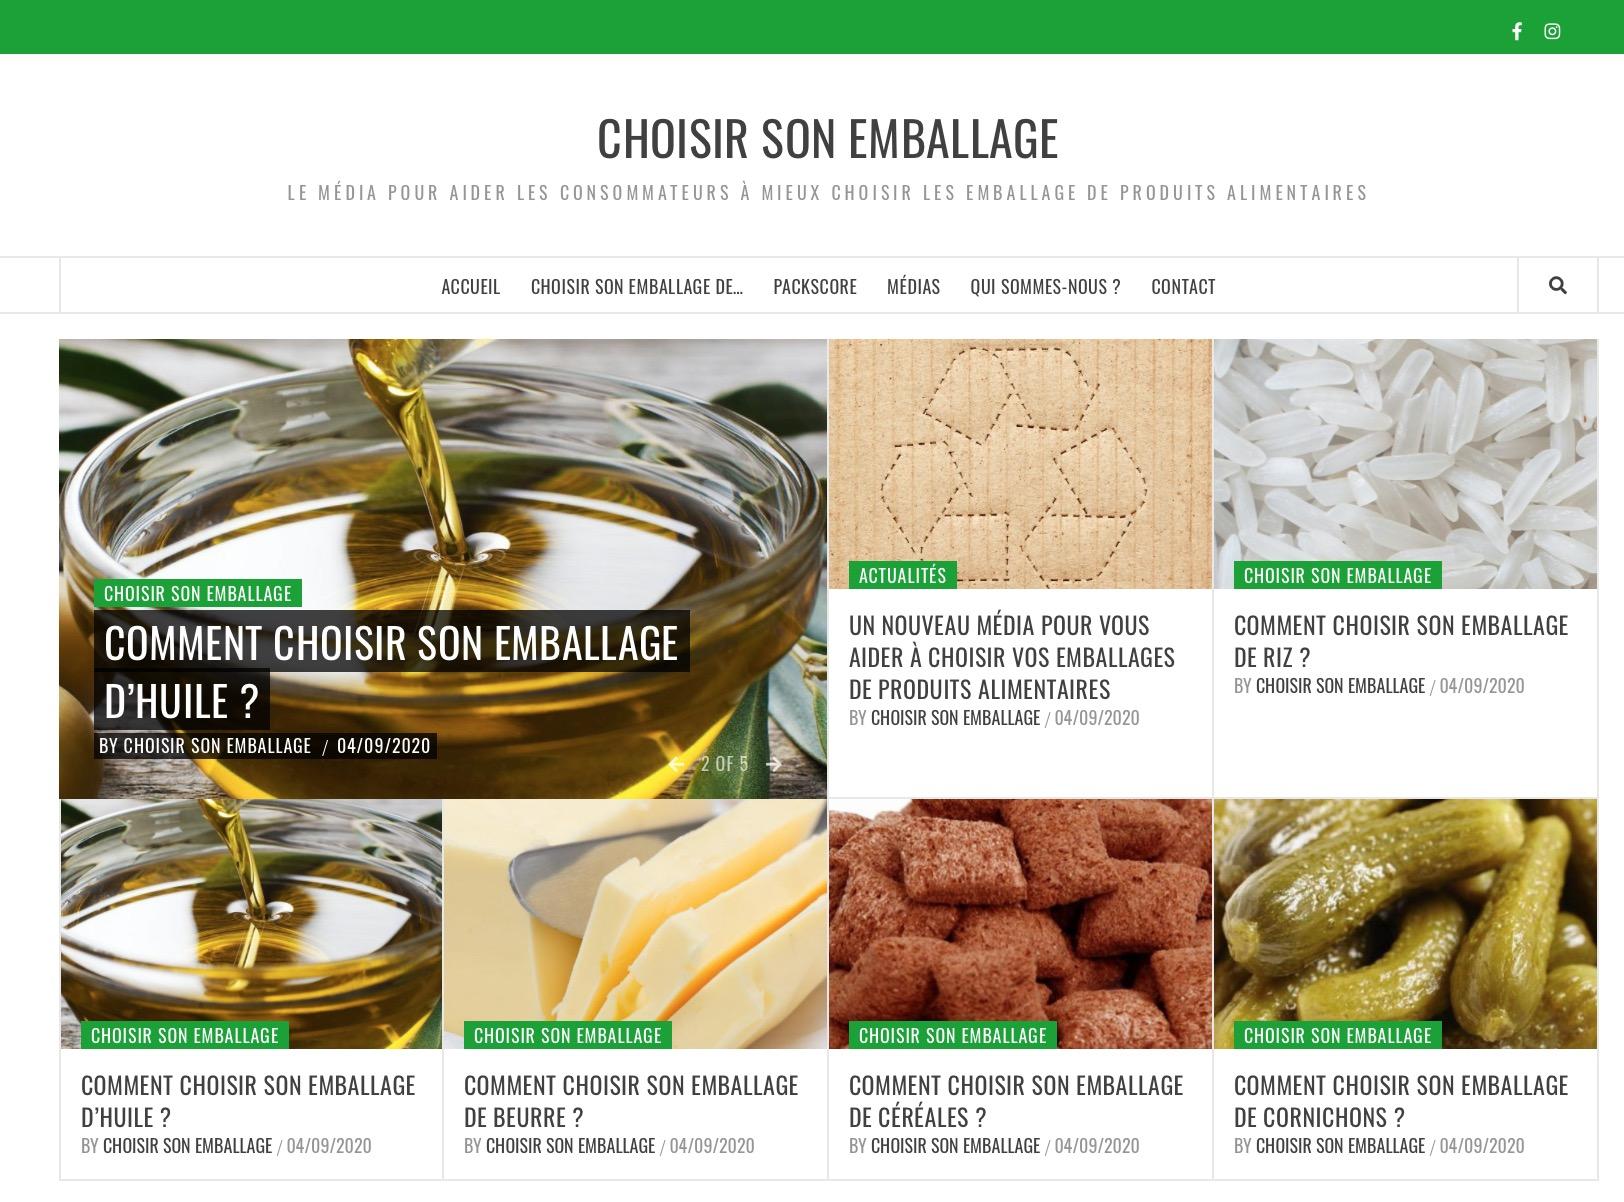 """Capture decran 2020 09 07 a 14.03.04 - """"Choisir son emballage"""", le média pour aider les consommateurs à mieux choisir les emballages des produits alimentaires"""